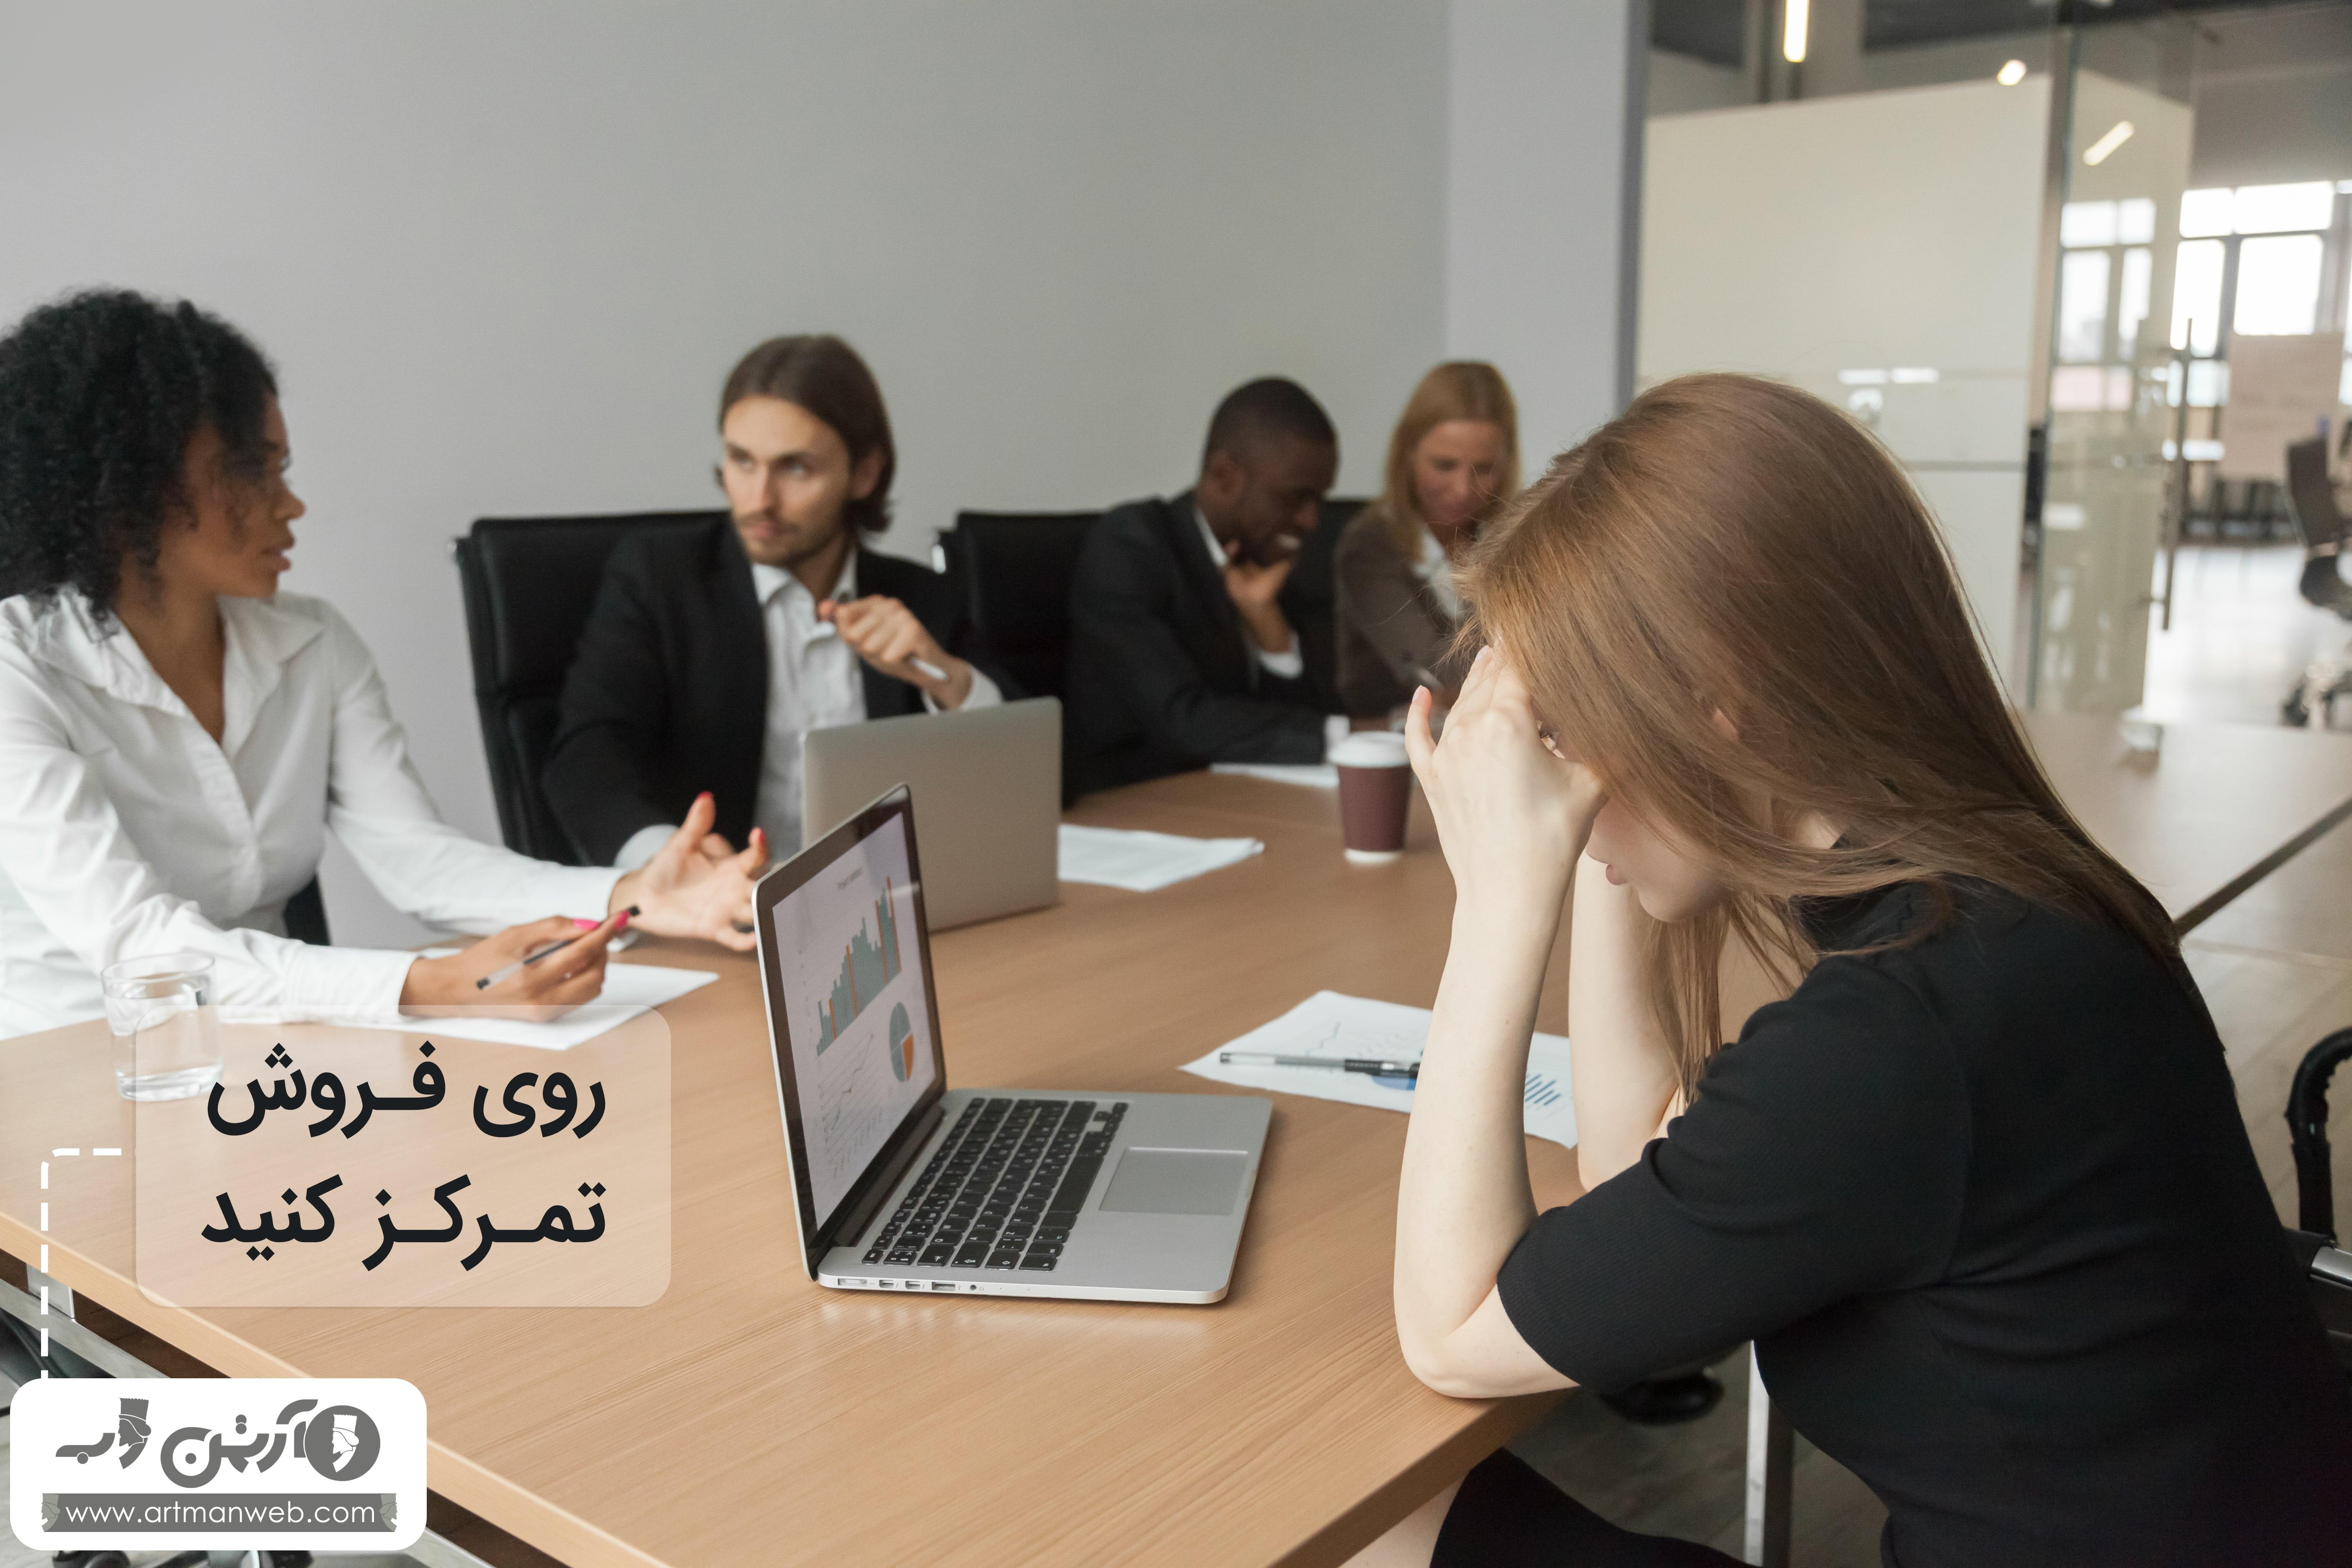 ۵ عامل مهم برای کسب موفقیت در تجارت